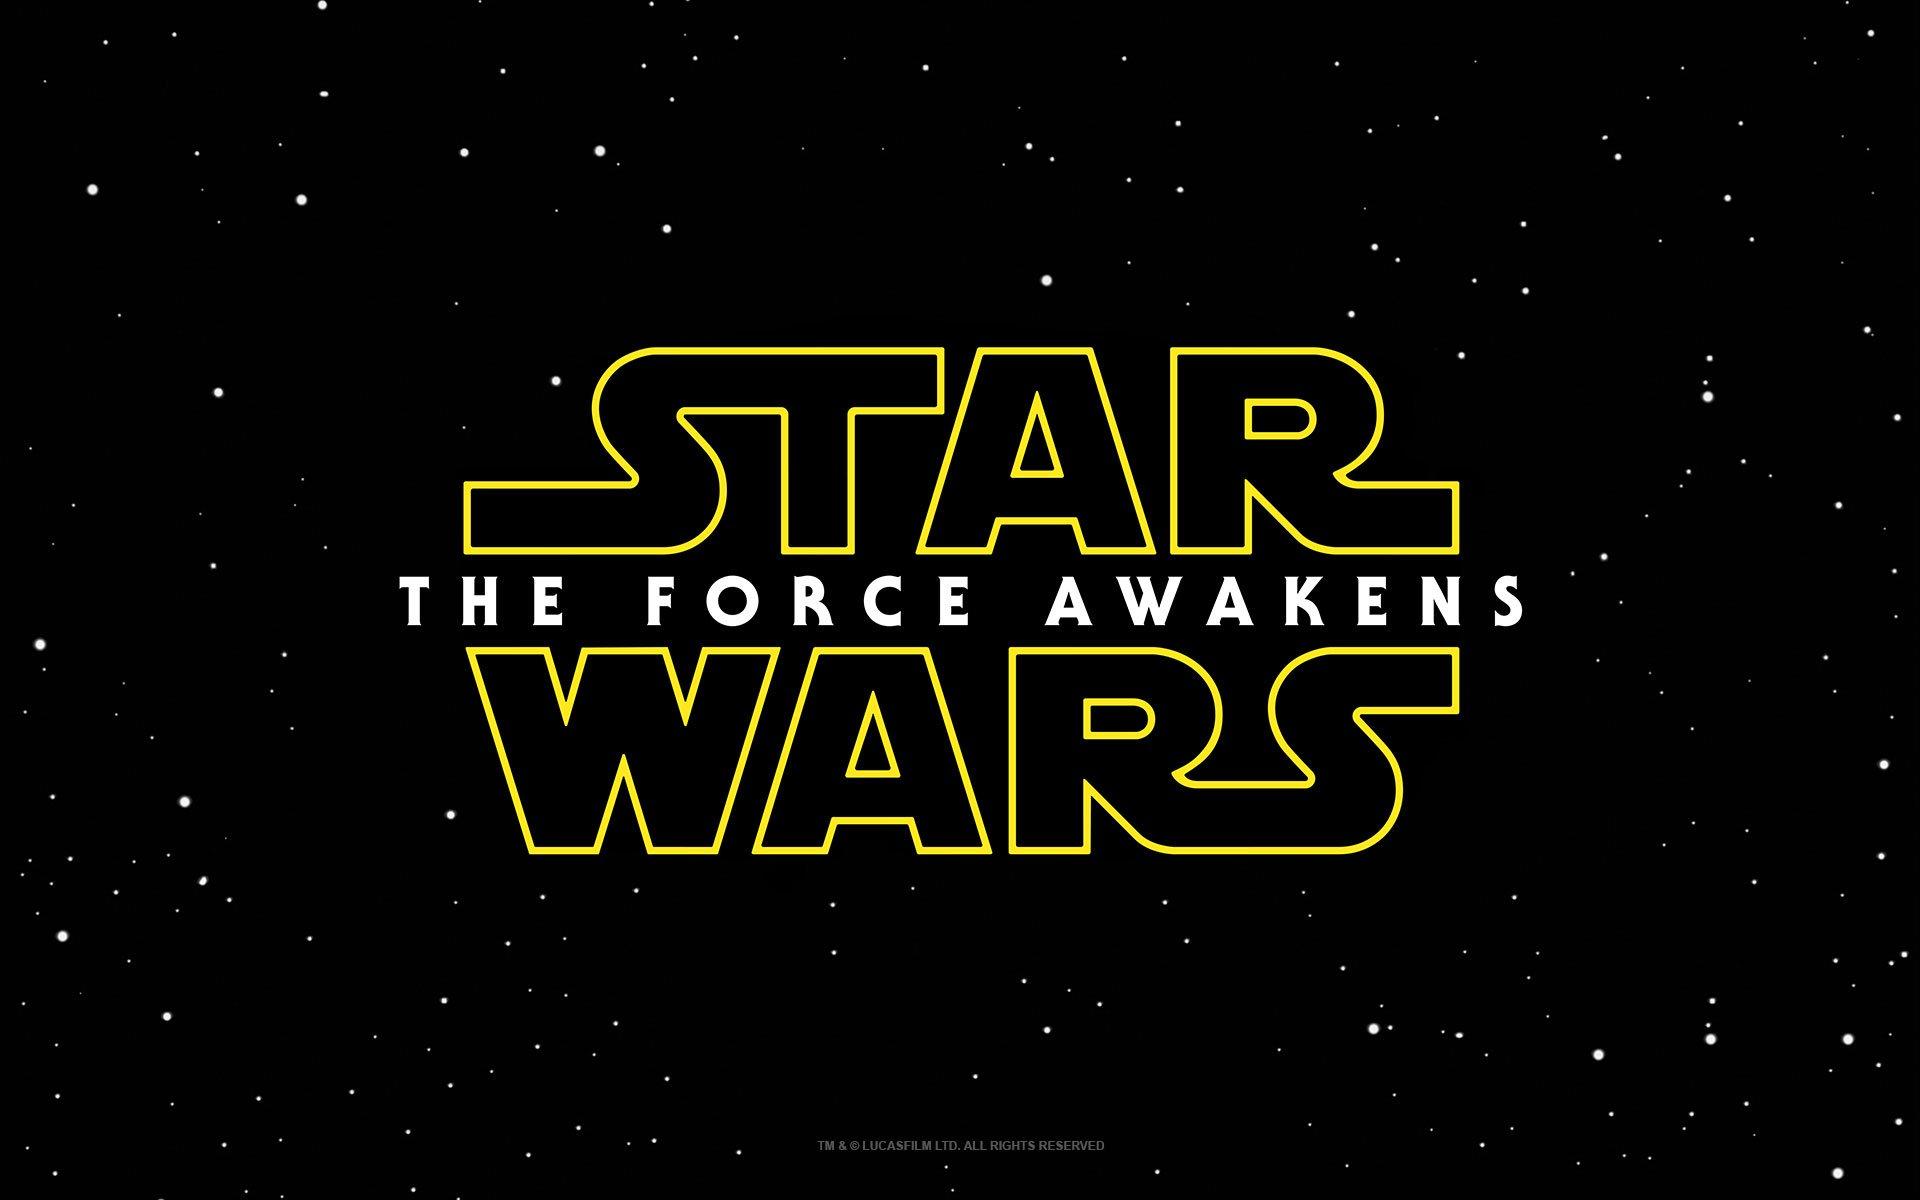 """Это было звездато. Рецензия на """"Звёздные войны: Пробуждение силы"""". - Изображение 1"""